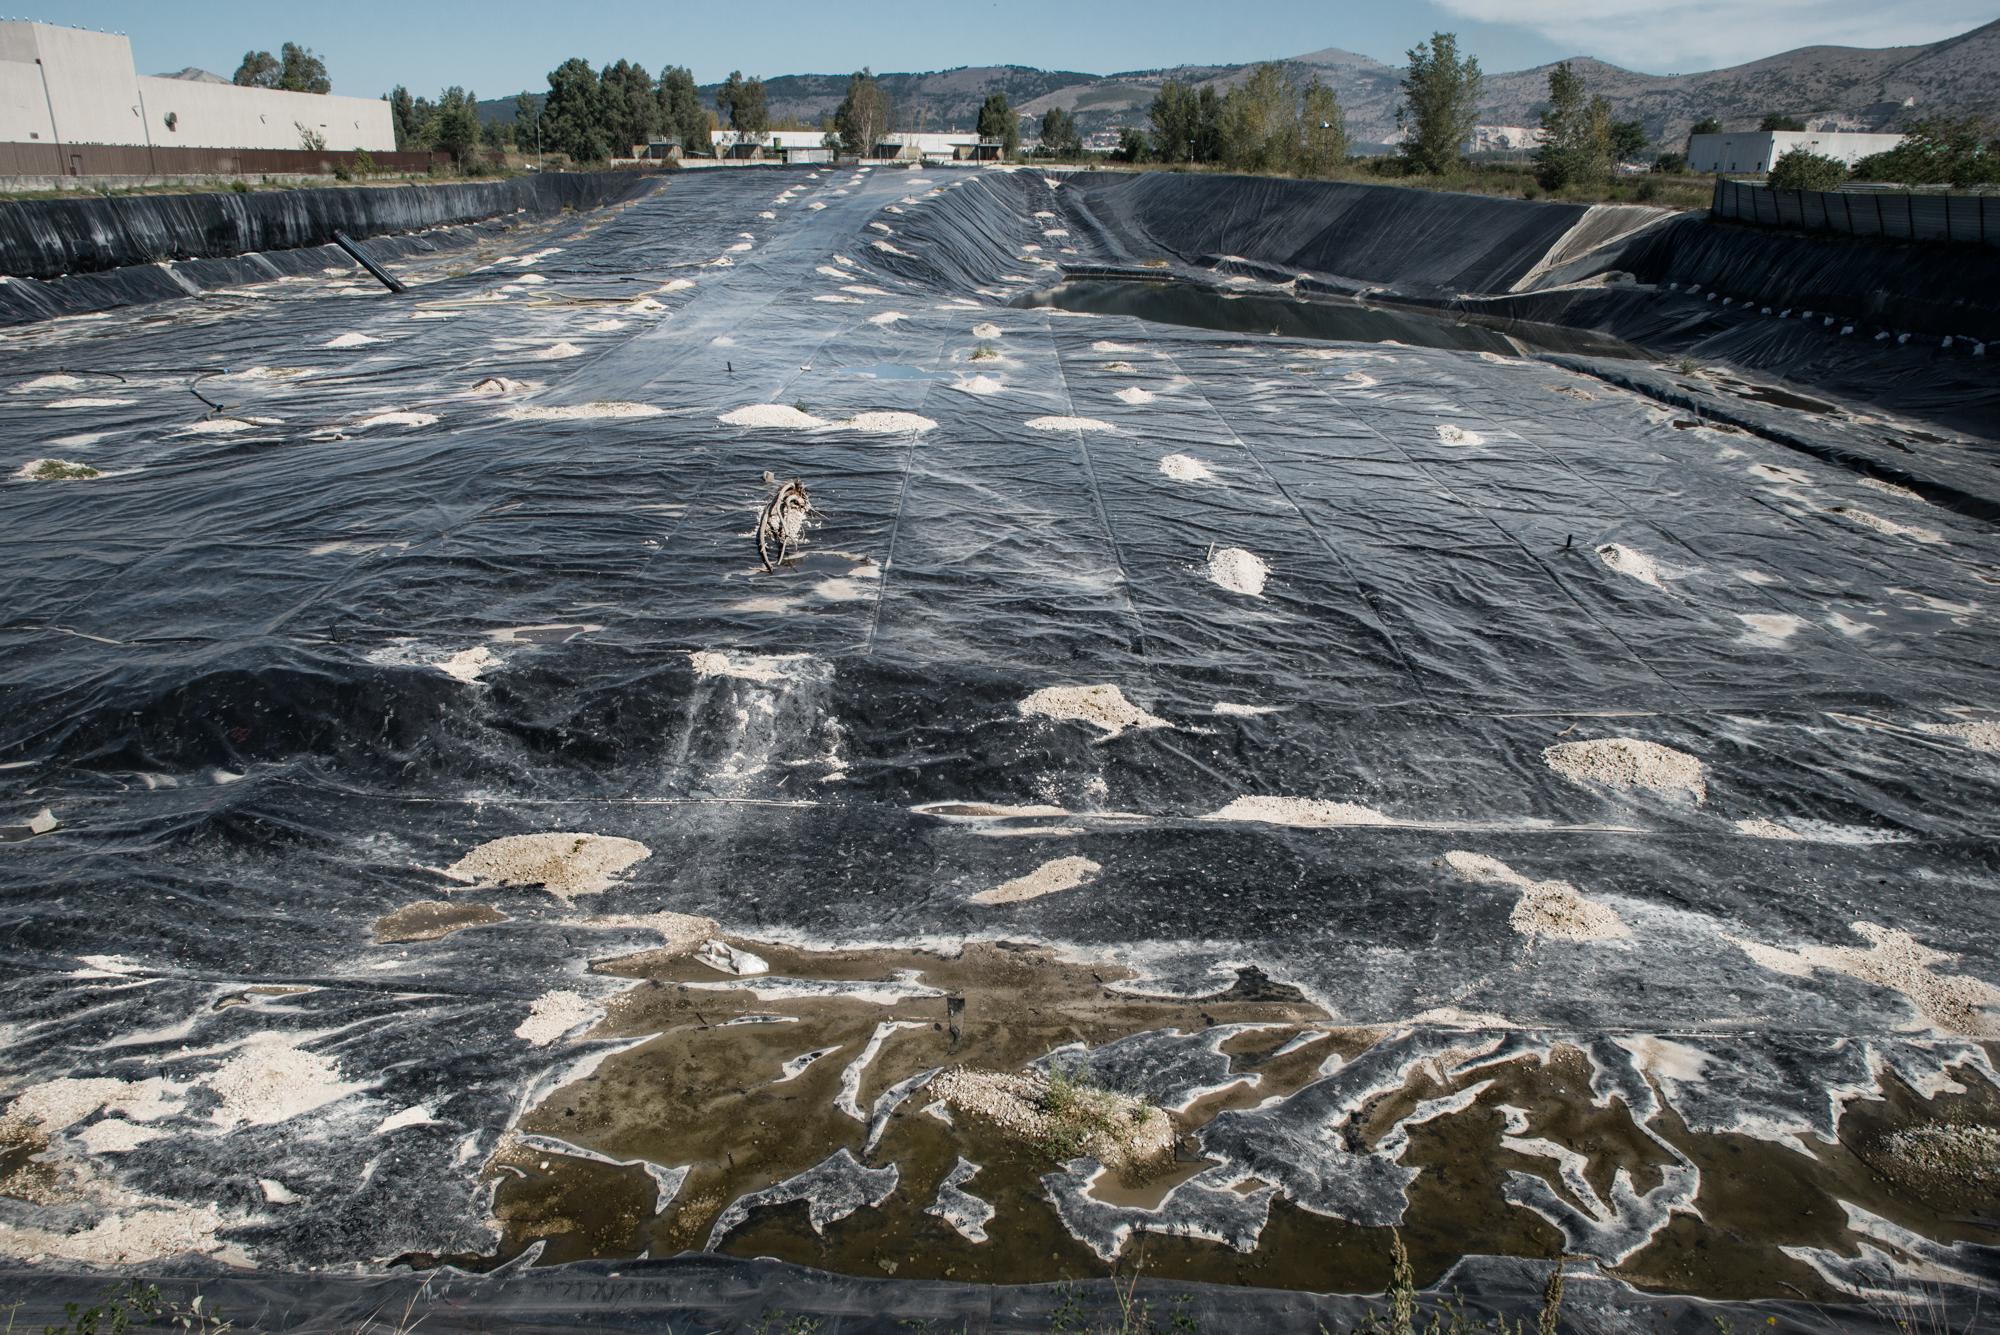 Lo Uttaro, lato sud, Caserta, 2015. La discarica di Lo Uttaro accoglie circa 6 milioni di tonnellate di rifiuti tossici e di dubbia provenienza. E' all'interno di una conurbazione di circa 300.000 abitanti che coinvolge i comuni di San Nicola la Strada, San Marco Evangelista e Maddaloni.